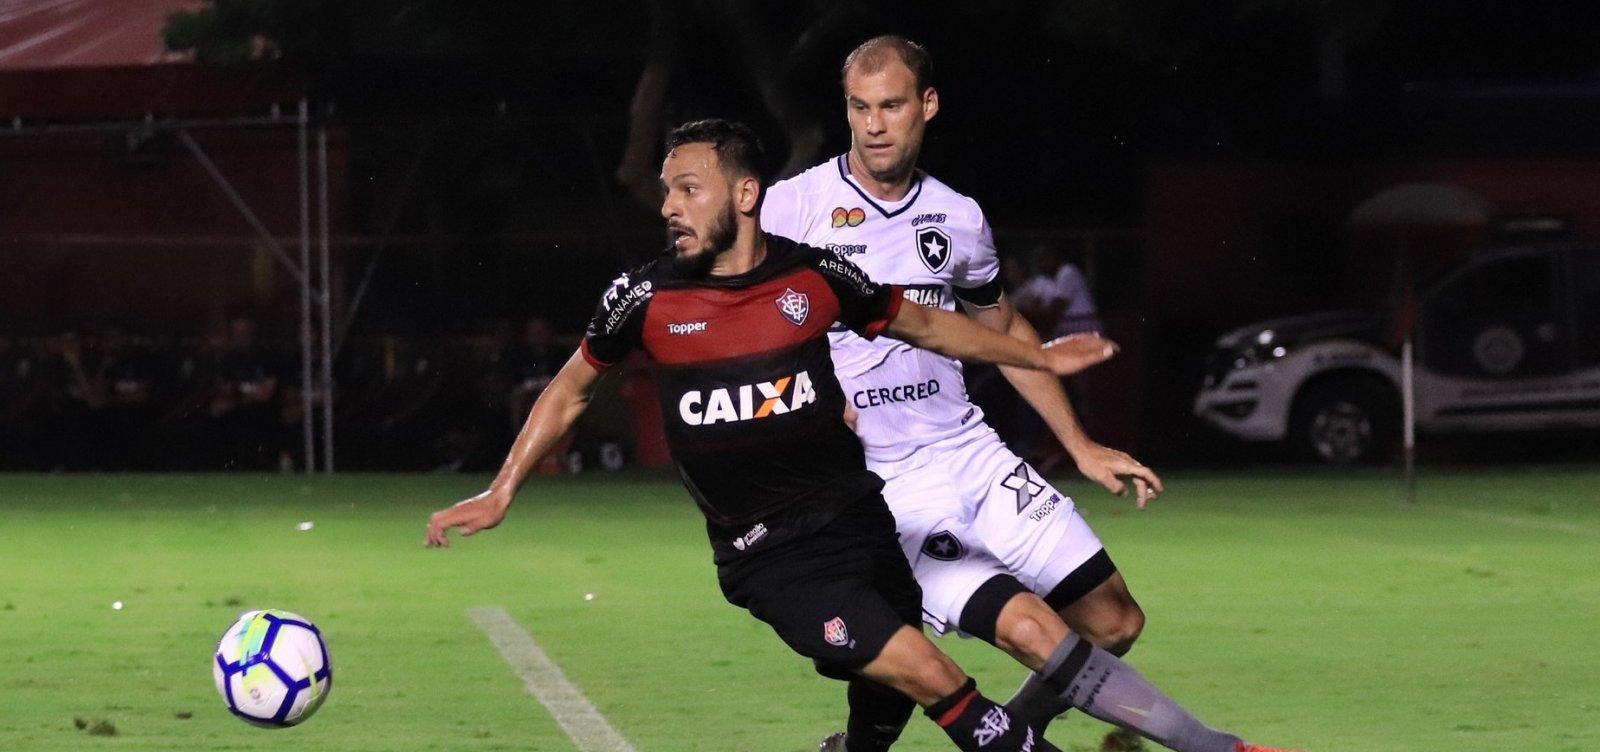 Vitória perde por 4 a 3 para o Botafogo no Barradão